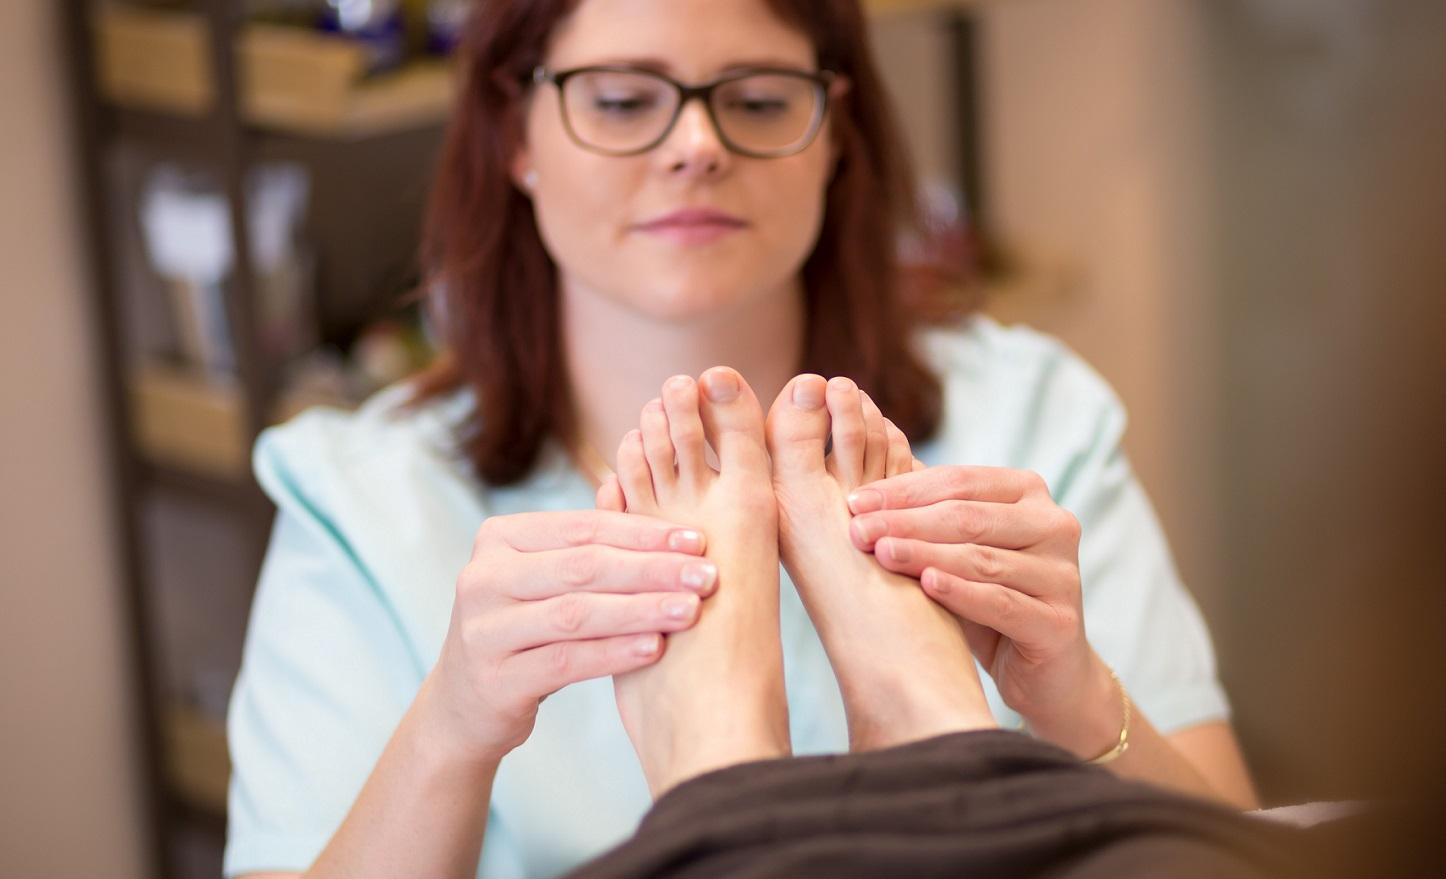 Zwei Mal geimpft? Dann ohne Test zur Fußpflege!